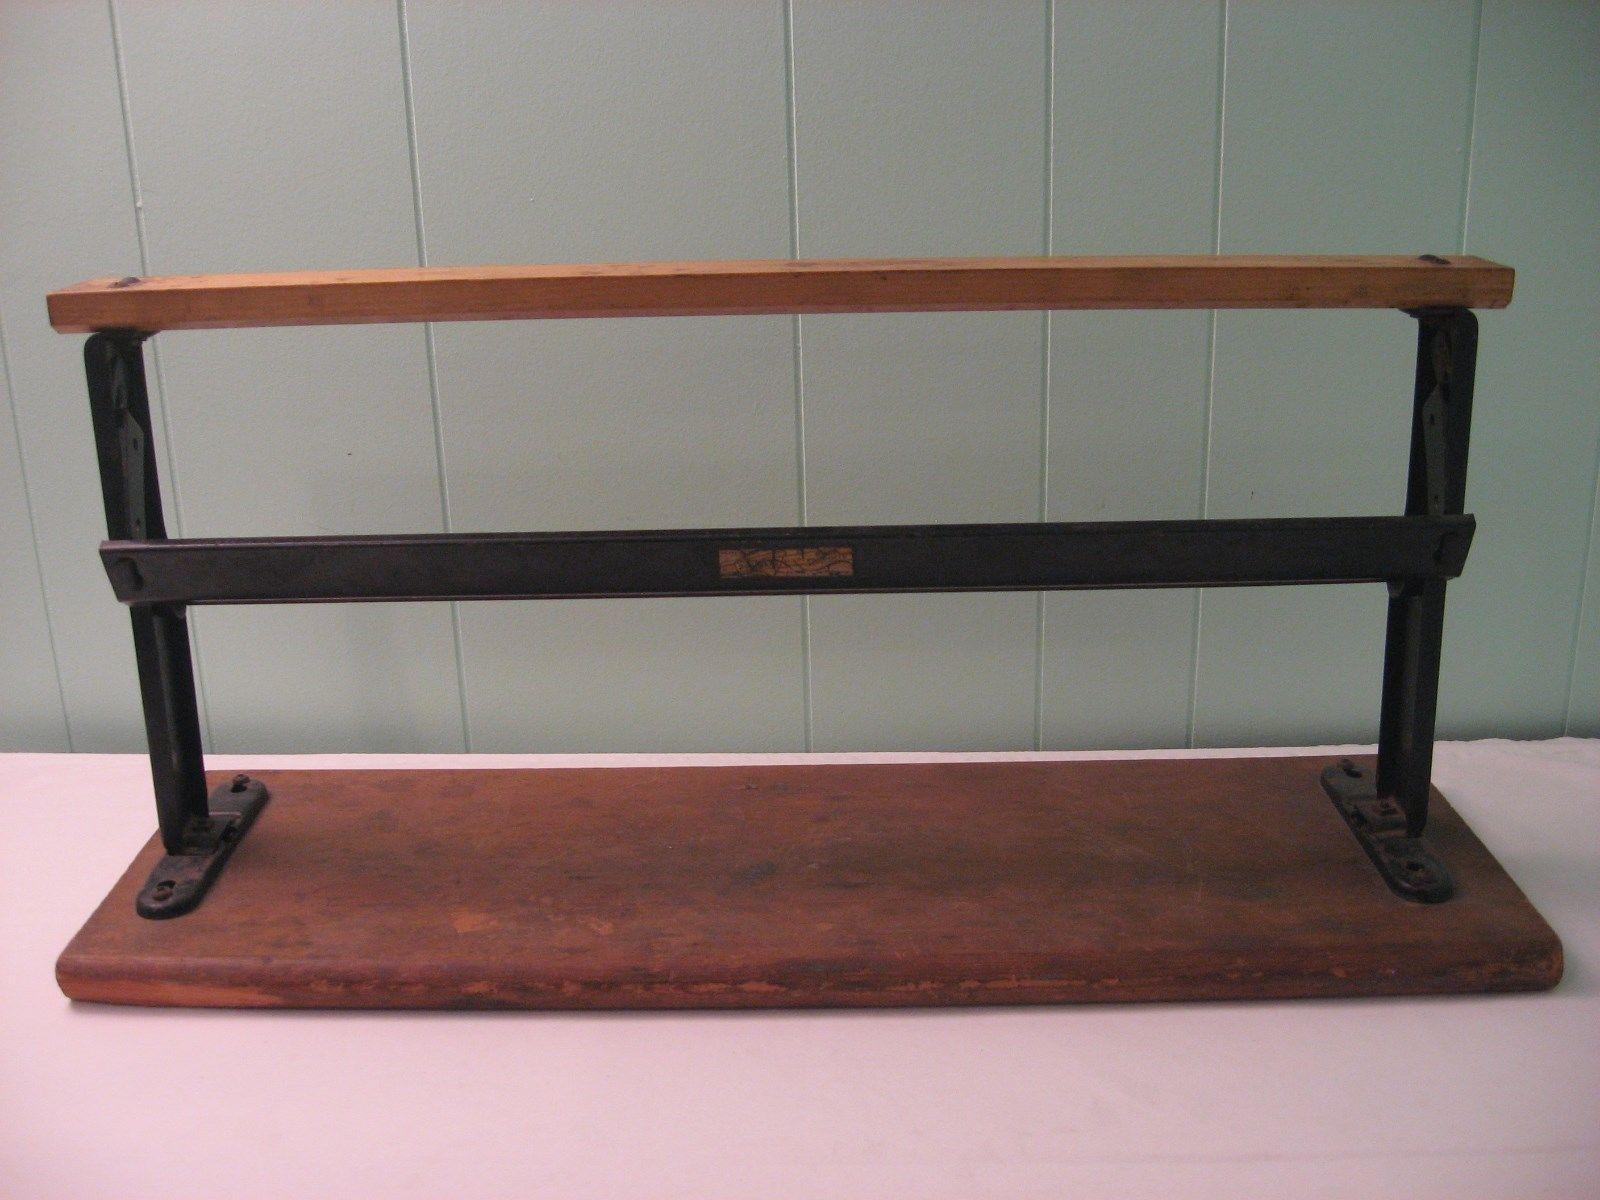 Vintage Bulman Butcher Paper Holder Cutter | eBay | Paper ...